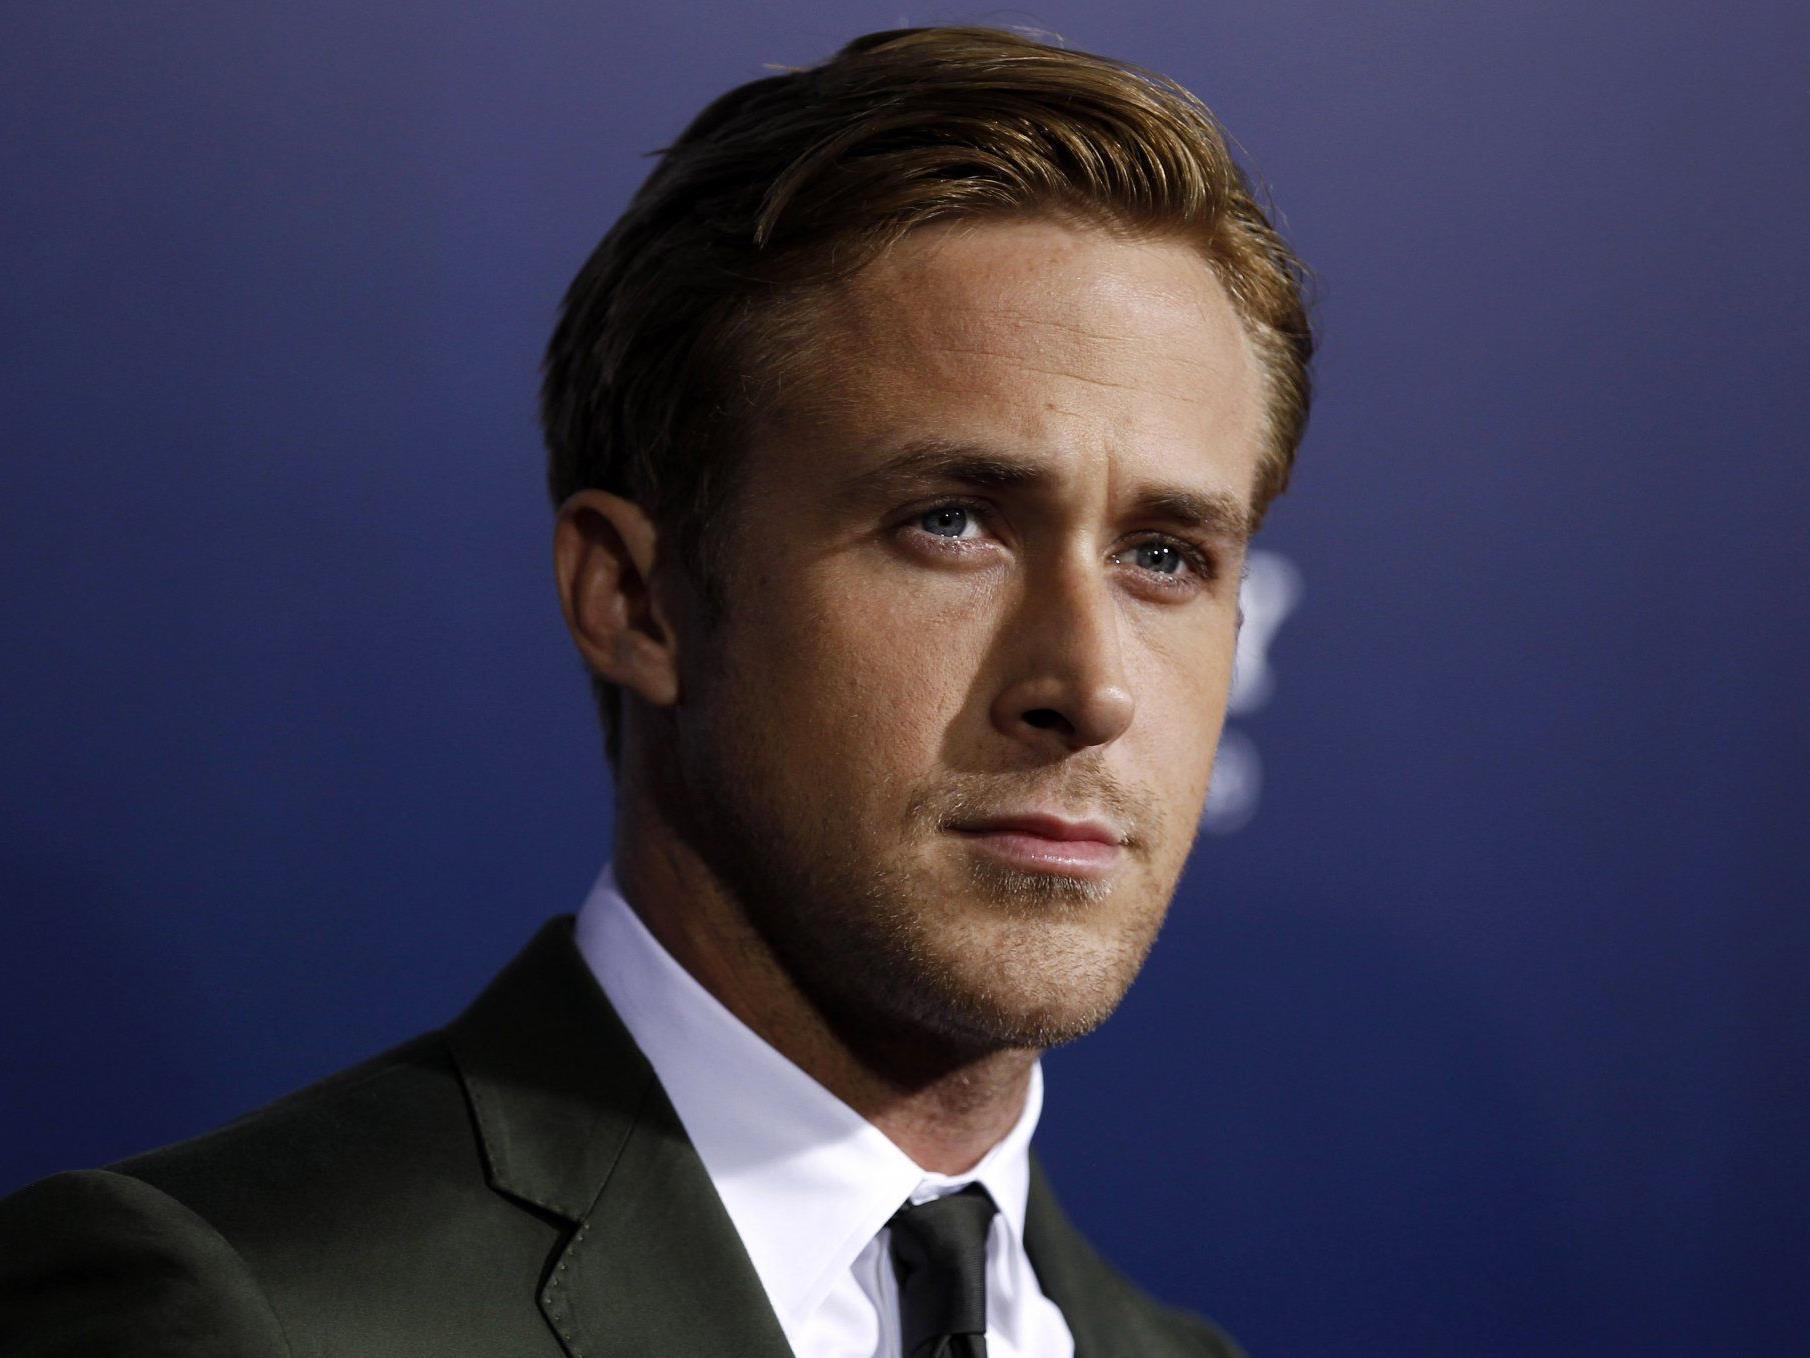 """Zurzeit ist Gosling im Polit-Film """"Ides of March - Tage des Verrates"""" zu sehen."""